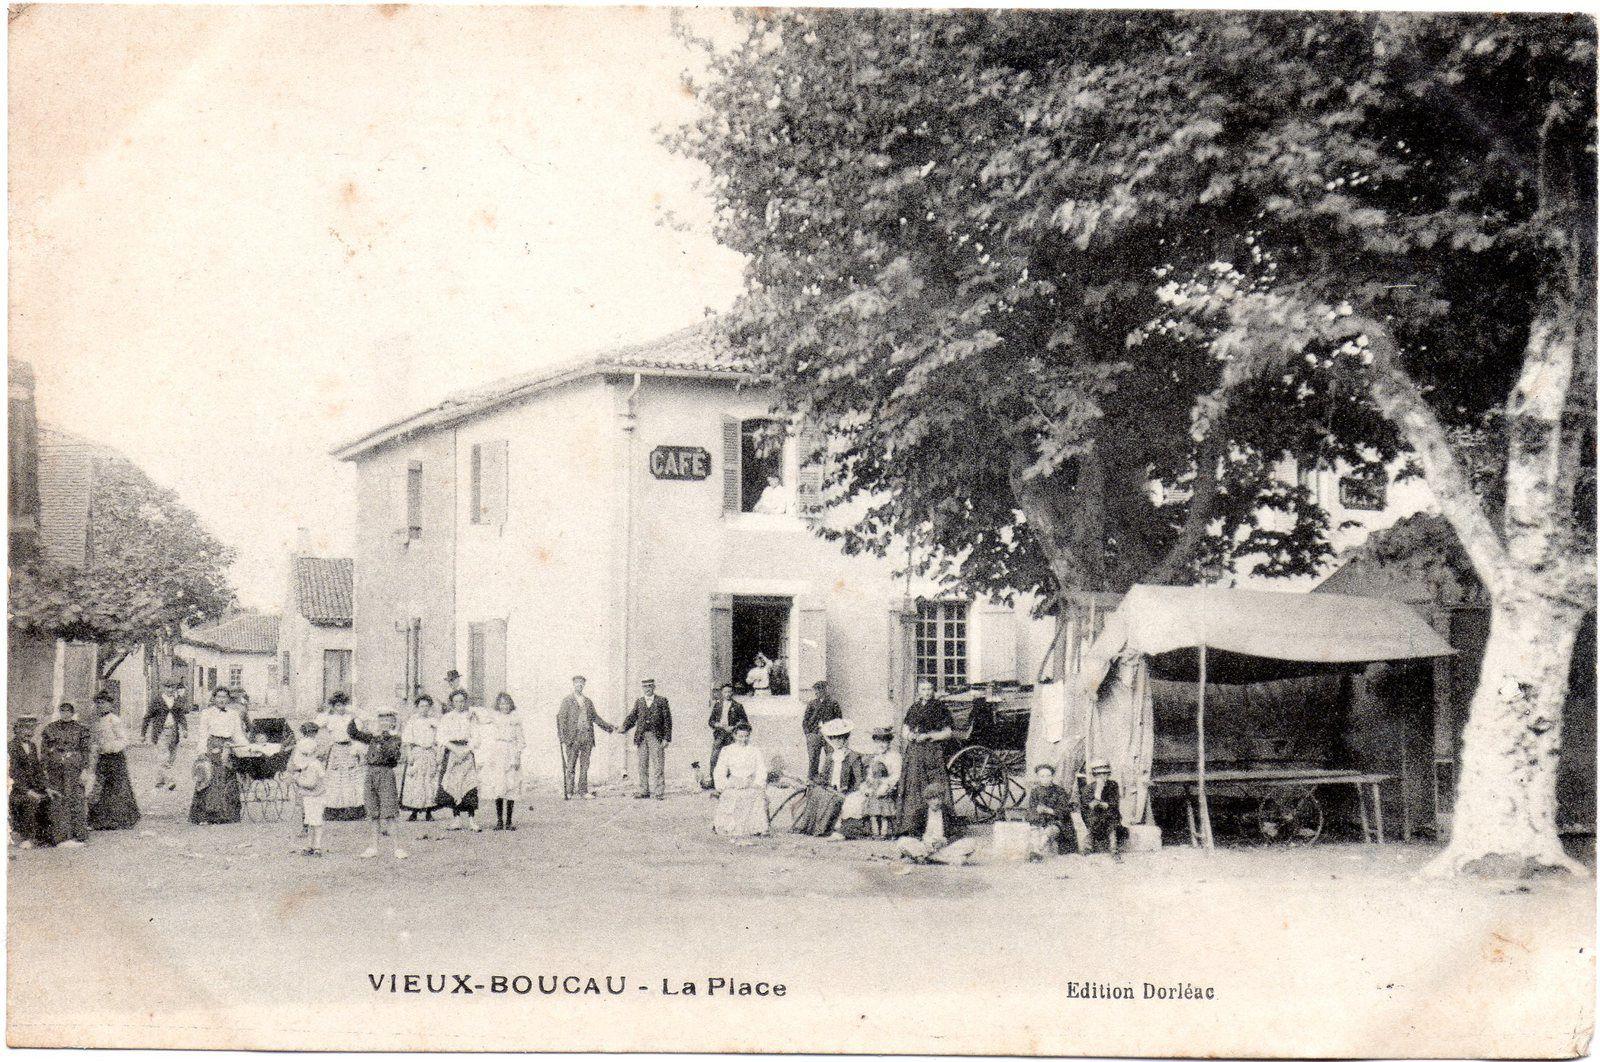 VIEUX BOUCAU Le marché en 1903